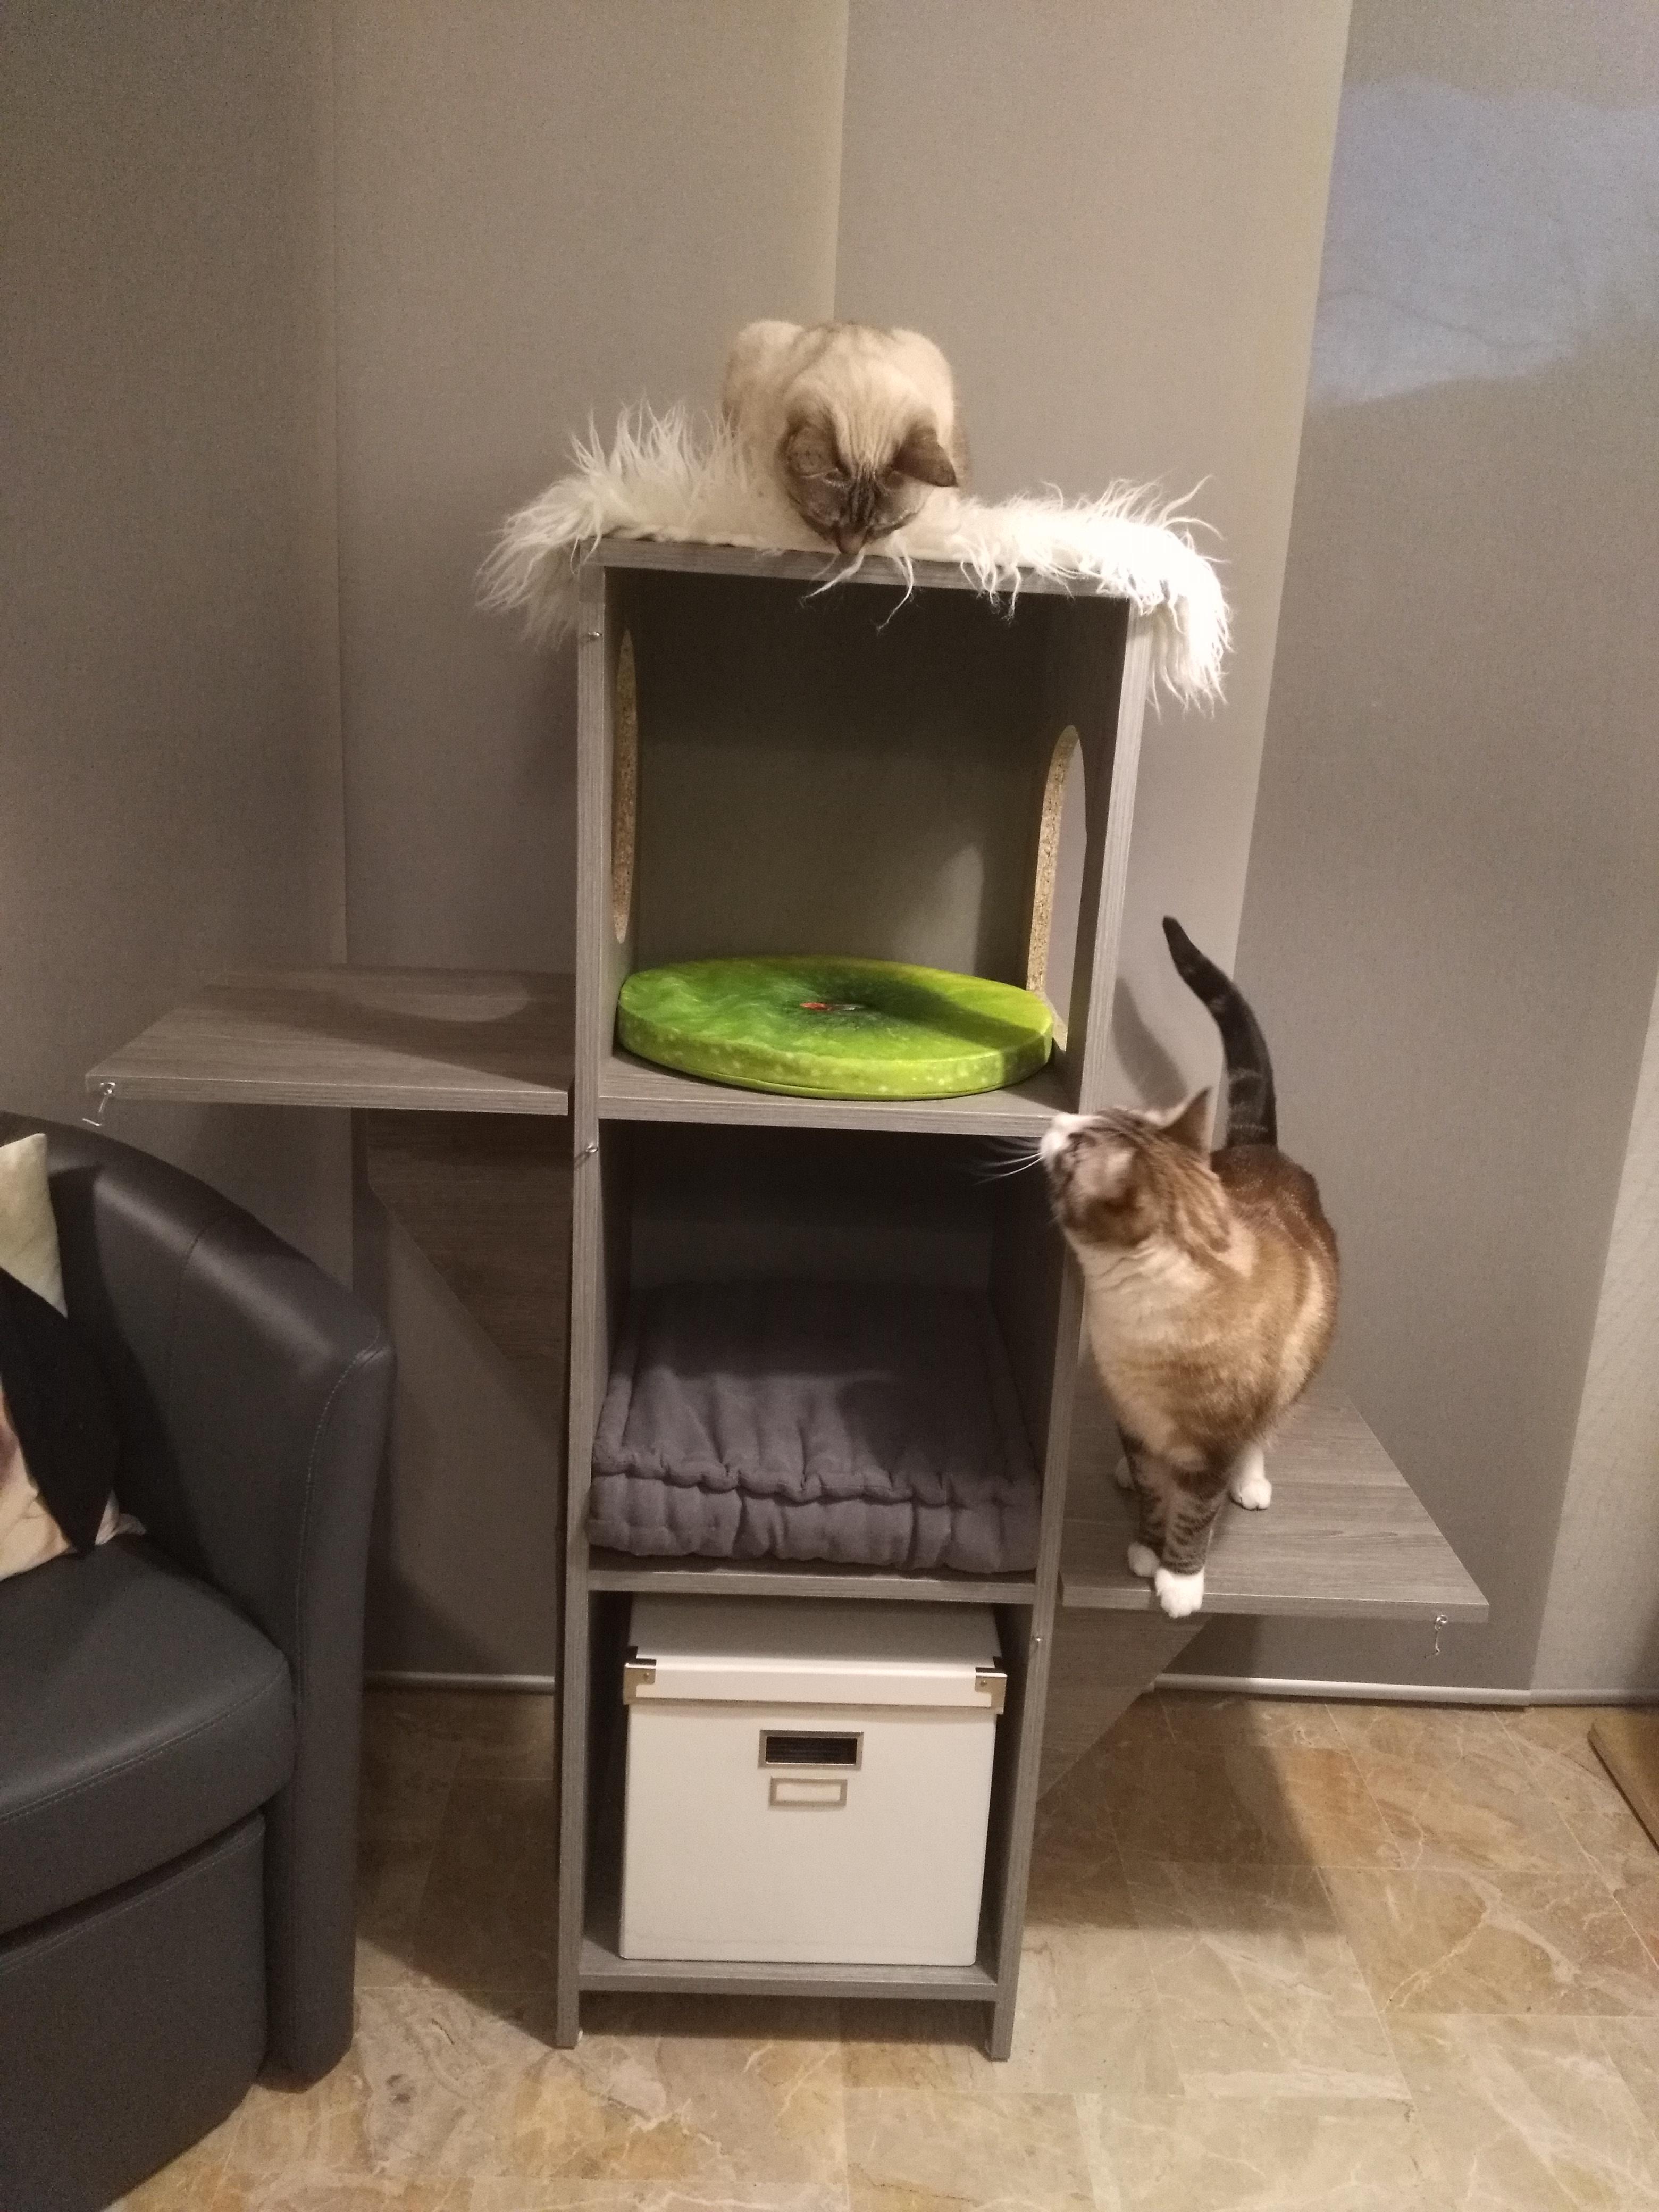 Arbre A Chat A Faire Maison l'arbre à chat : indispensable? - Ô p'tits félins - garde